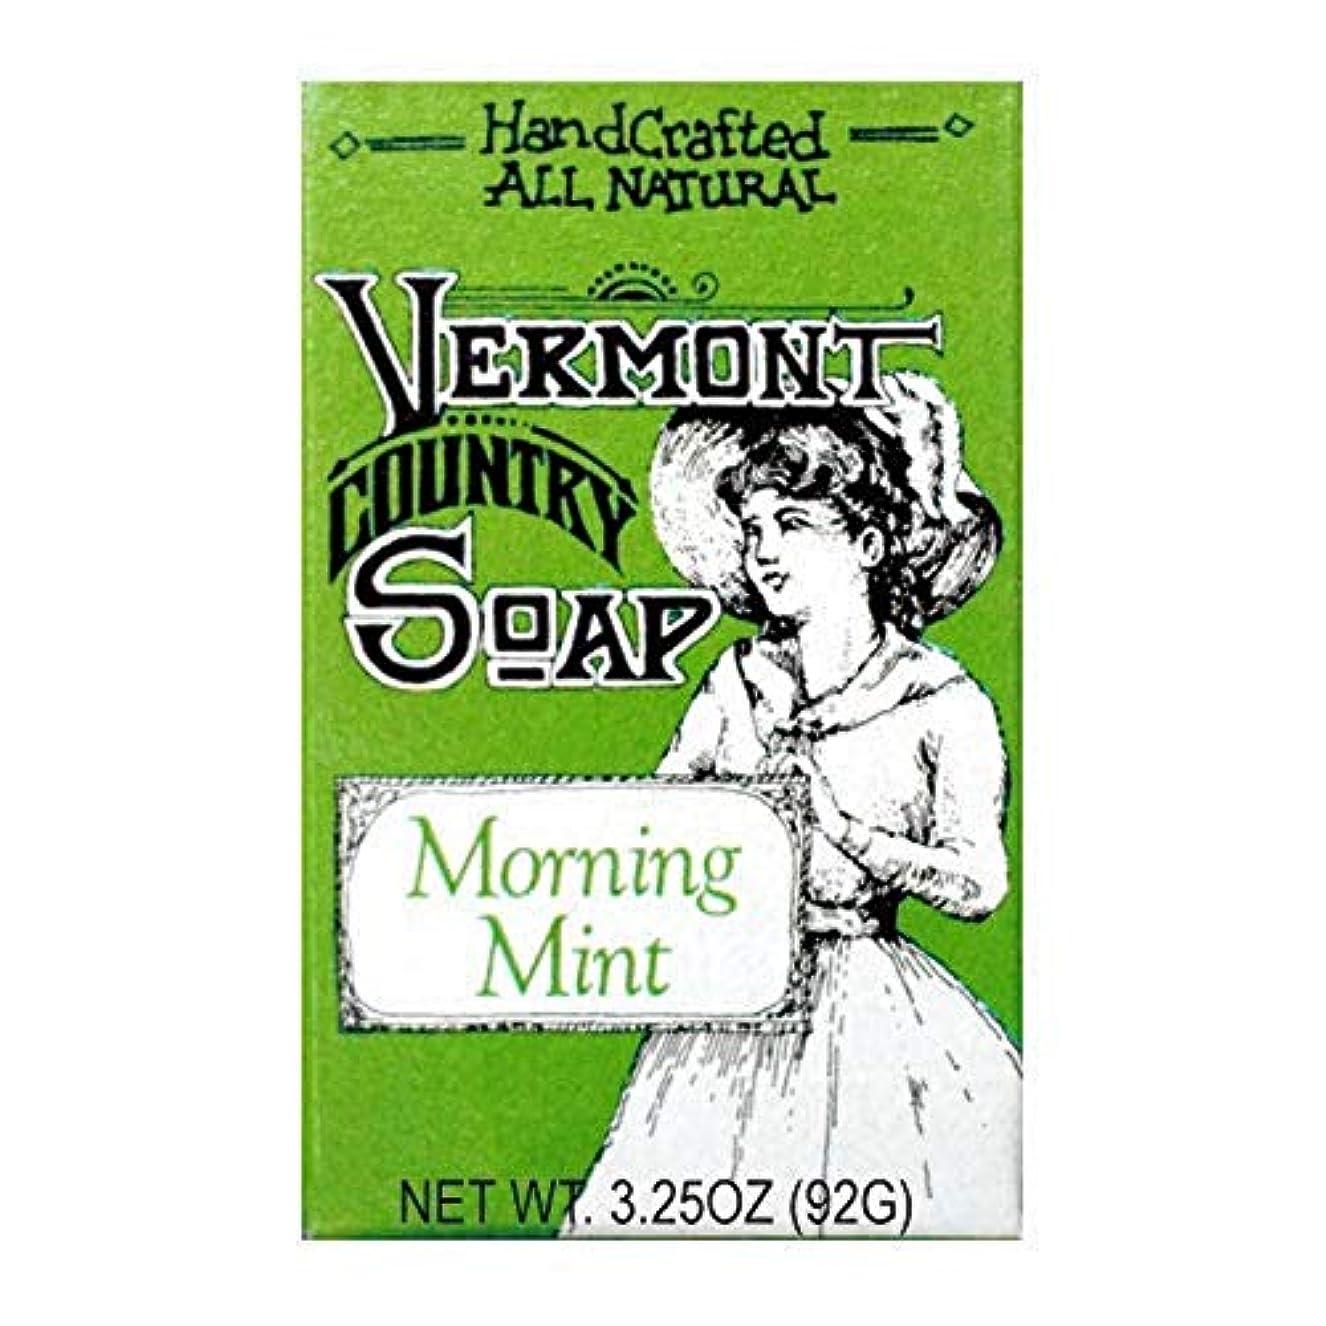 学習者ポータル証明バーモントカントリーソープ (モーニングミント) オーガニック石鹸 洗顔 92g